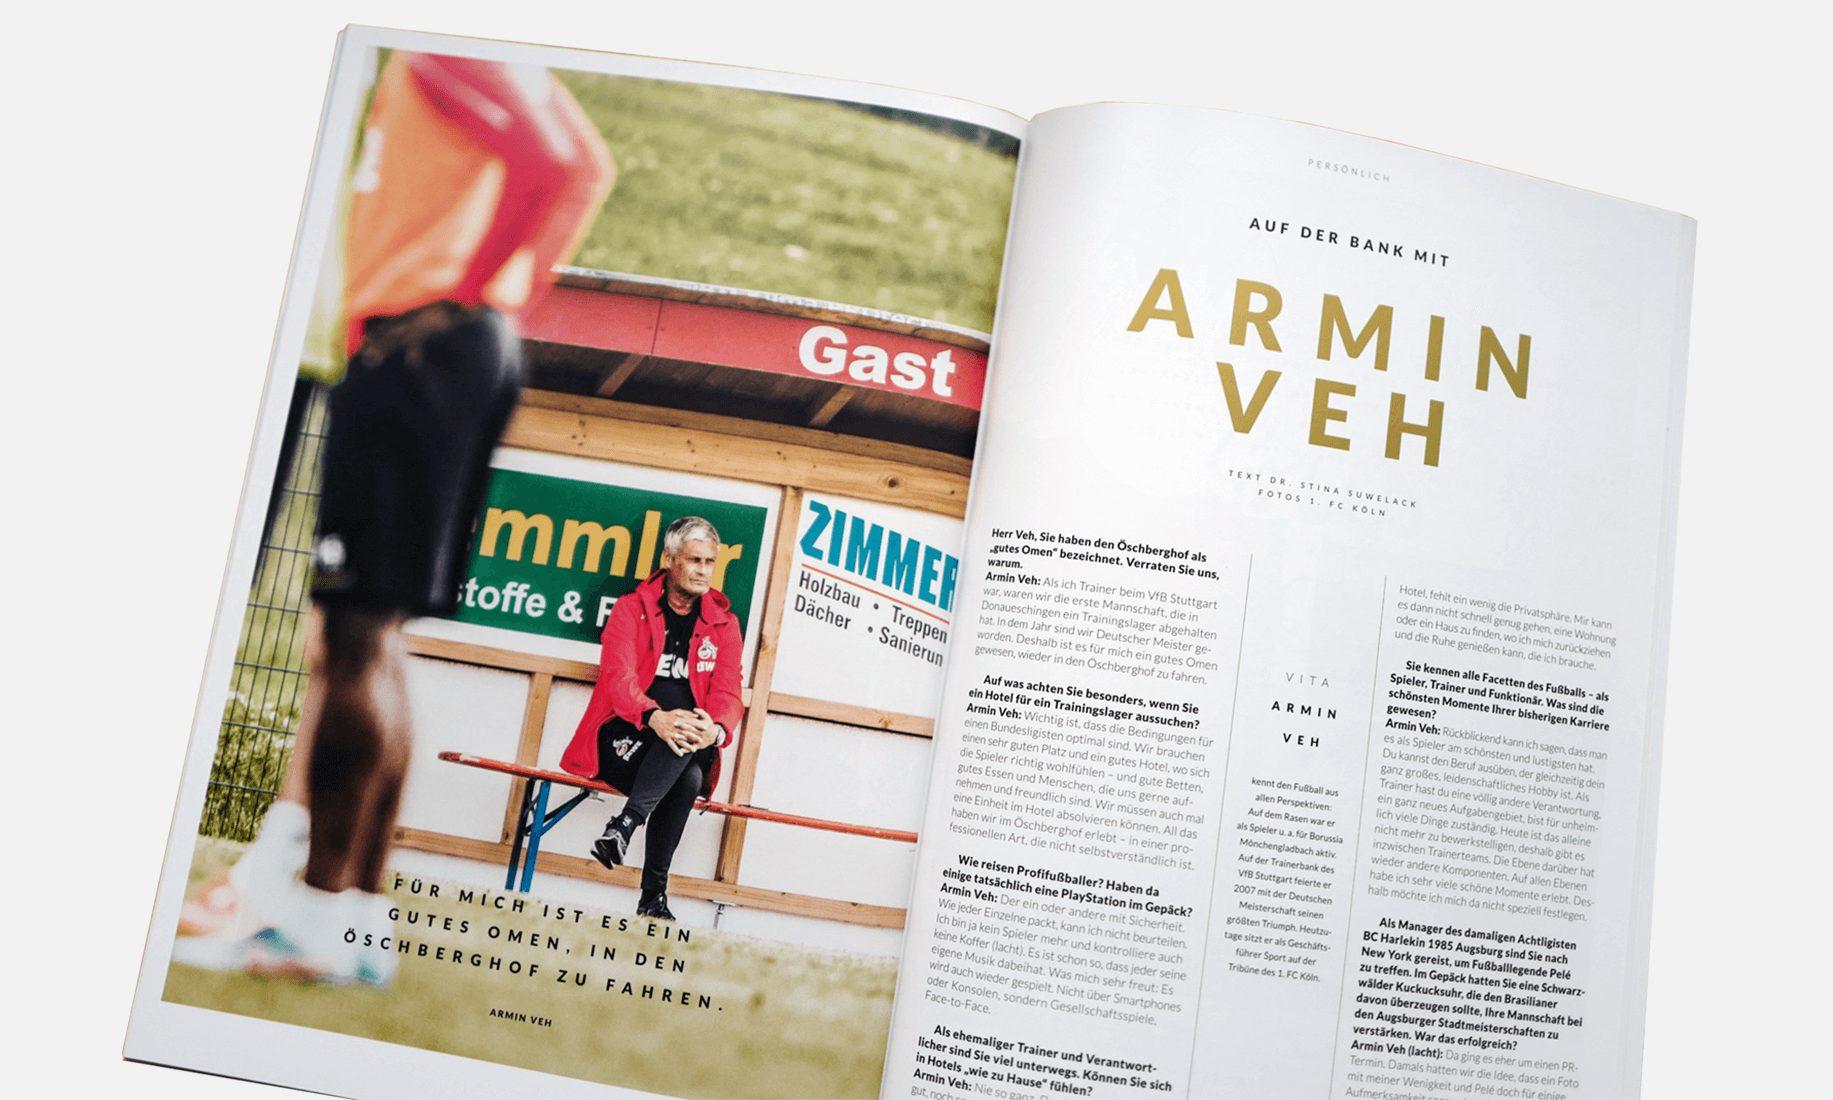 Öschberghof Magazin